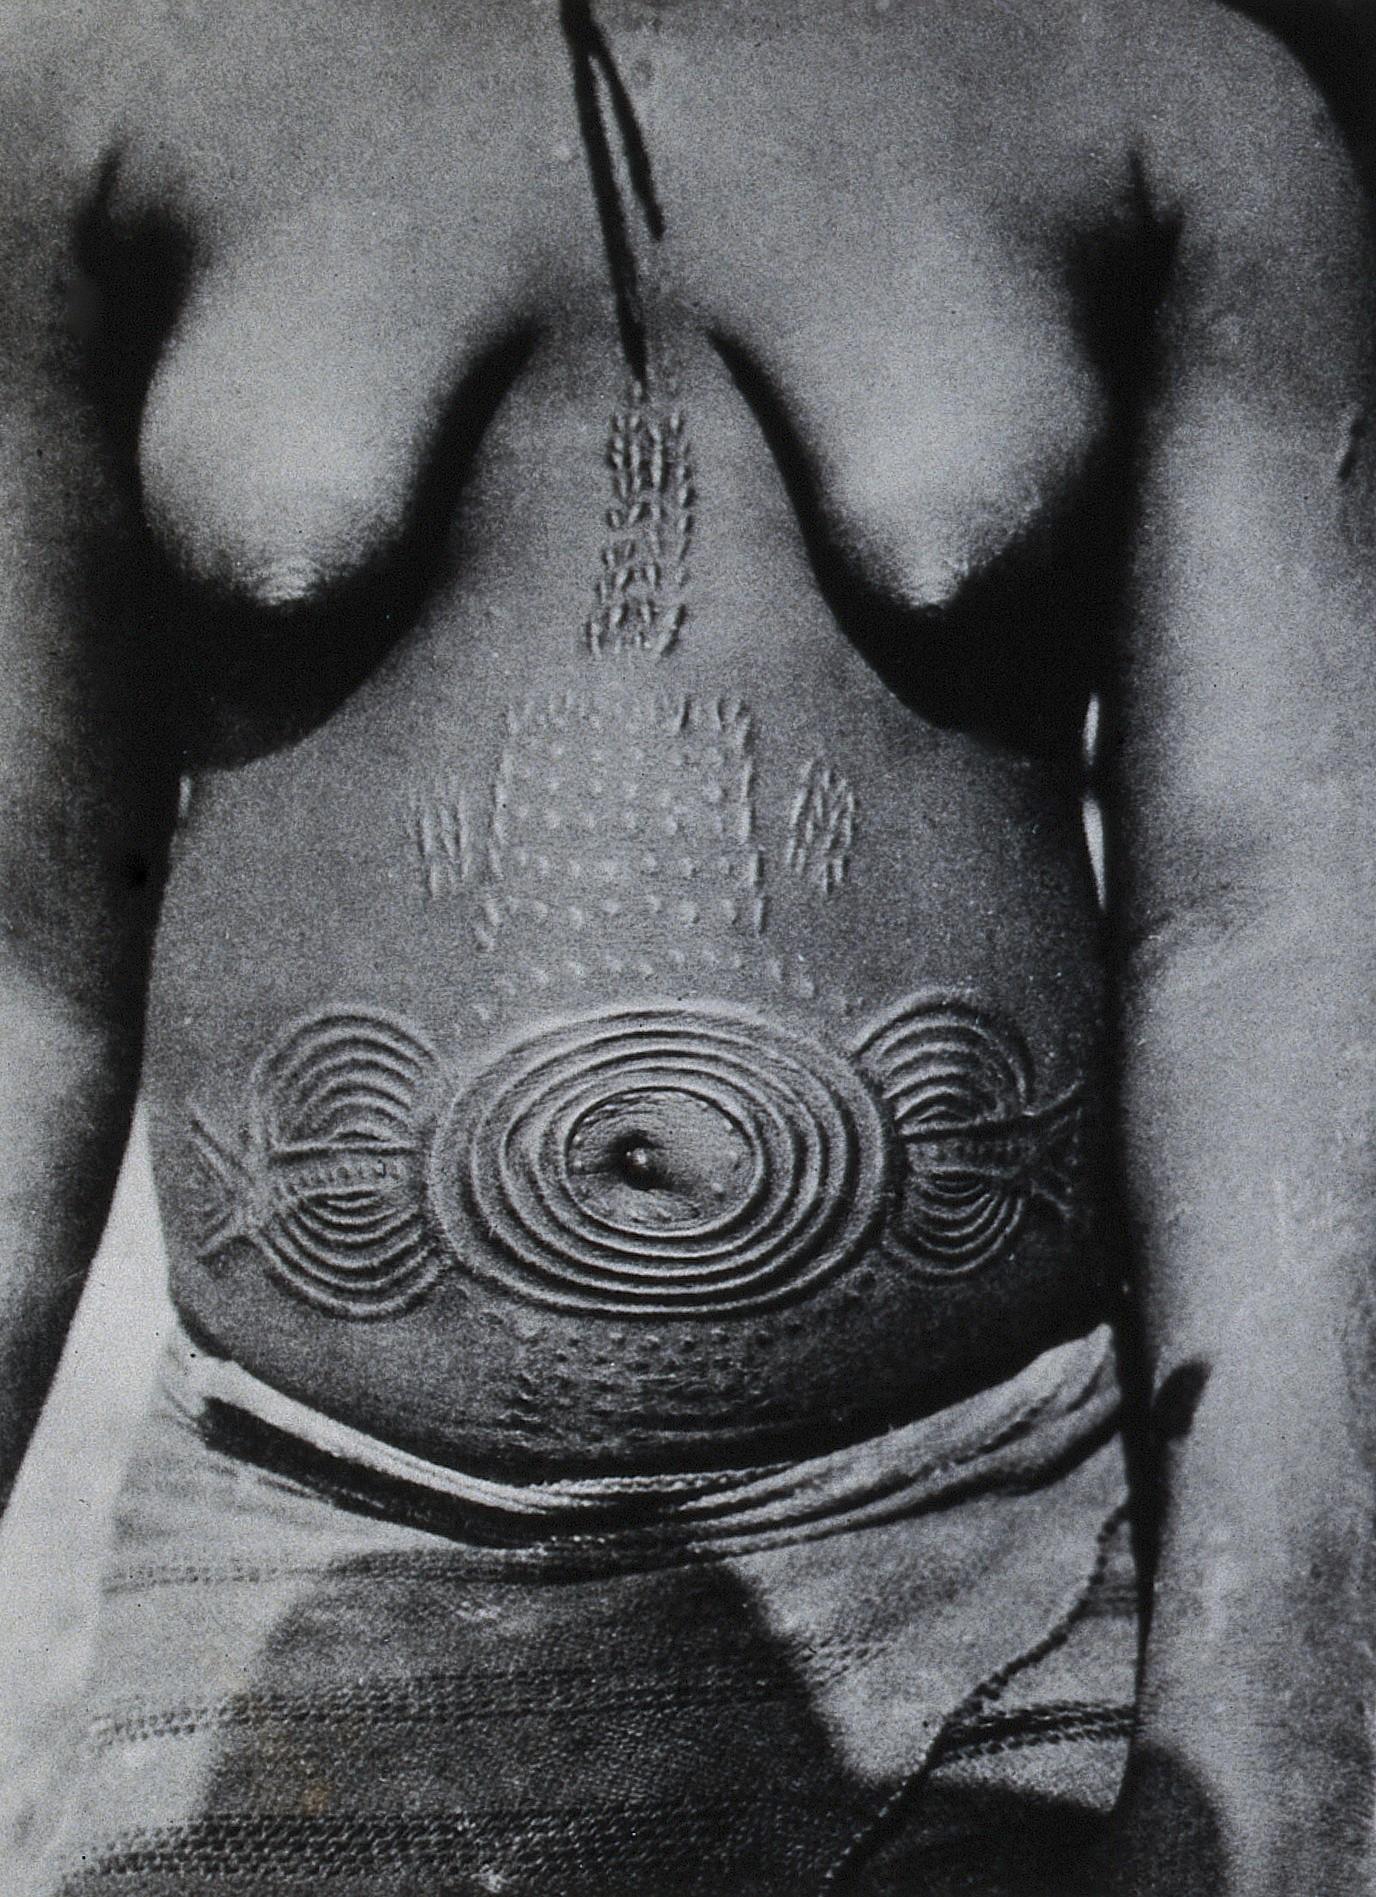 Näide armistamisest Munshi hõimu naiste juures, Nigeerias. Foto: Wellcome Collection (CC BY 2.0)